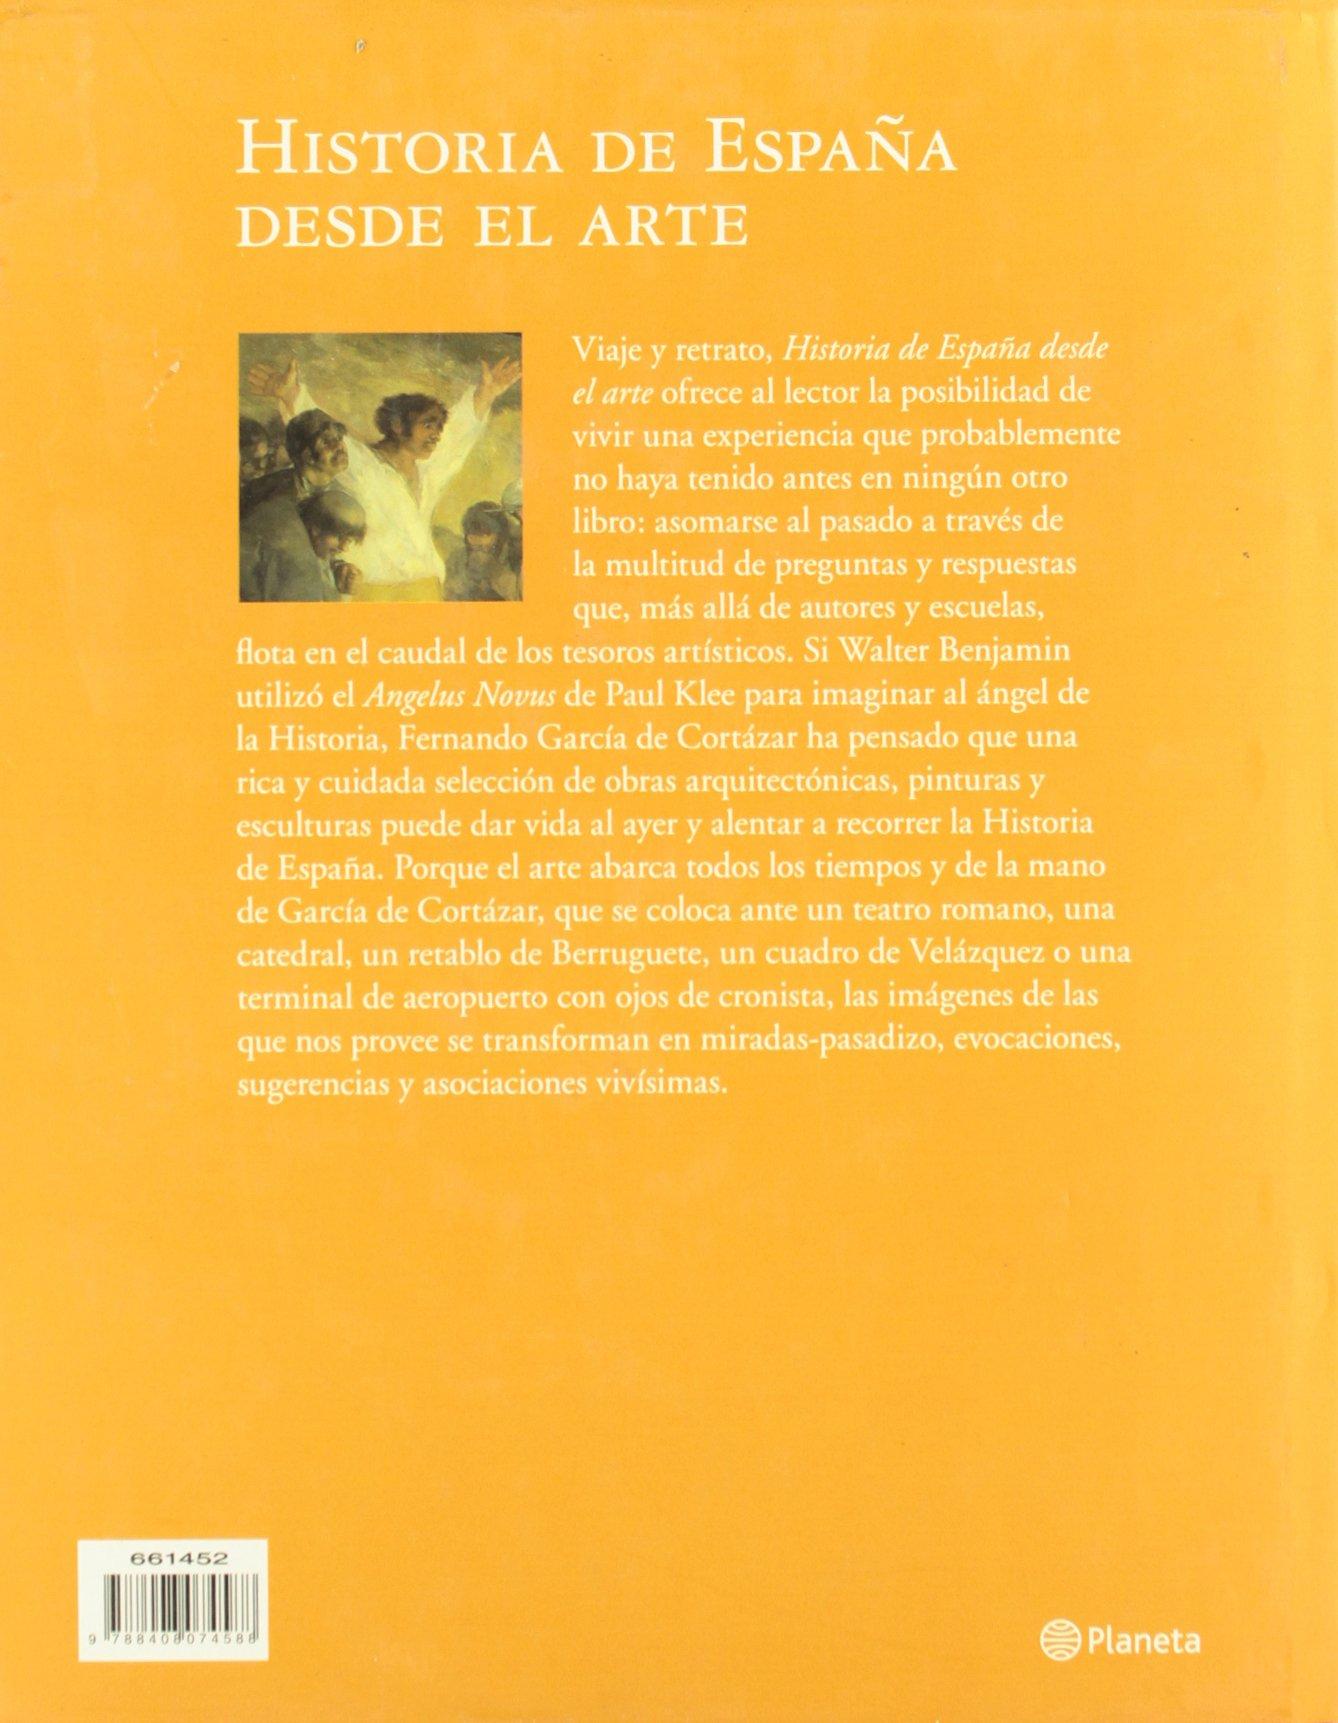 Historia de España desde el arte Historia y Sociedad: Amazon.es: García de Cortázar, Fernando: Libros